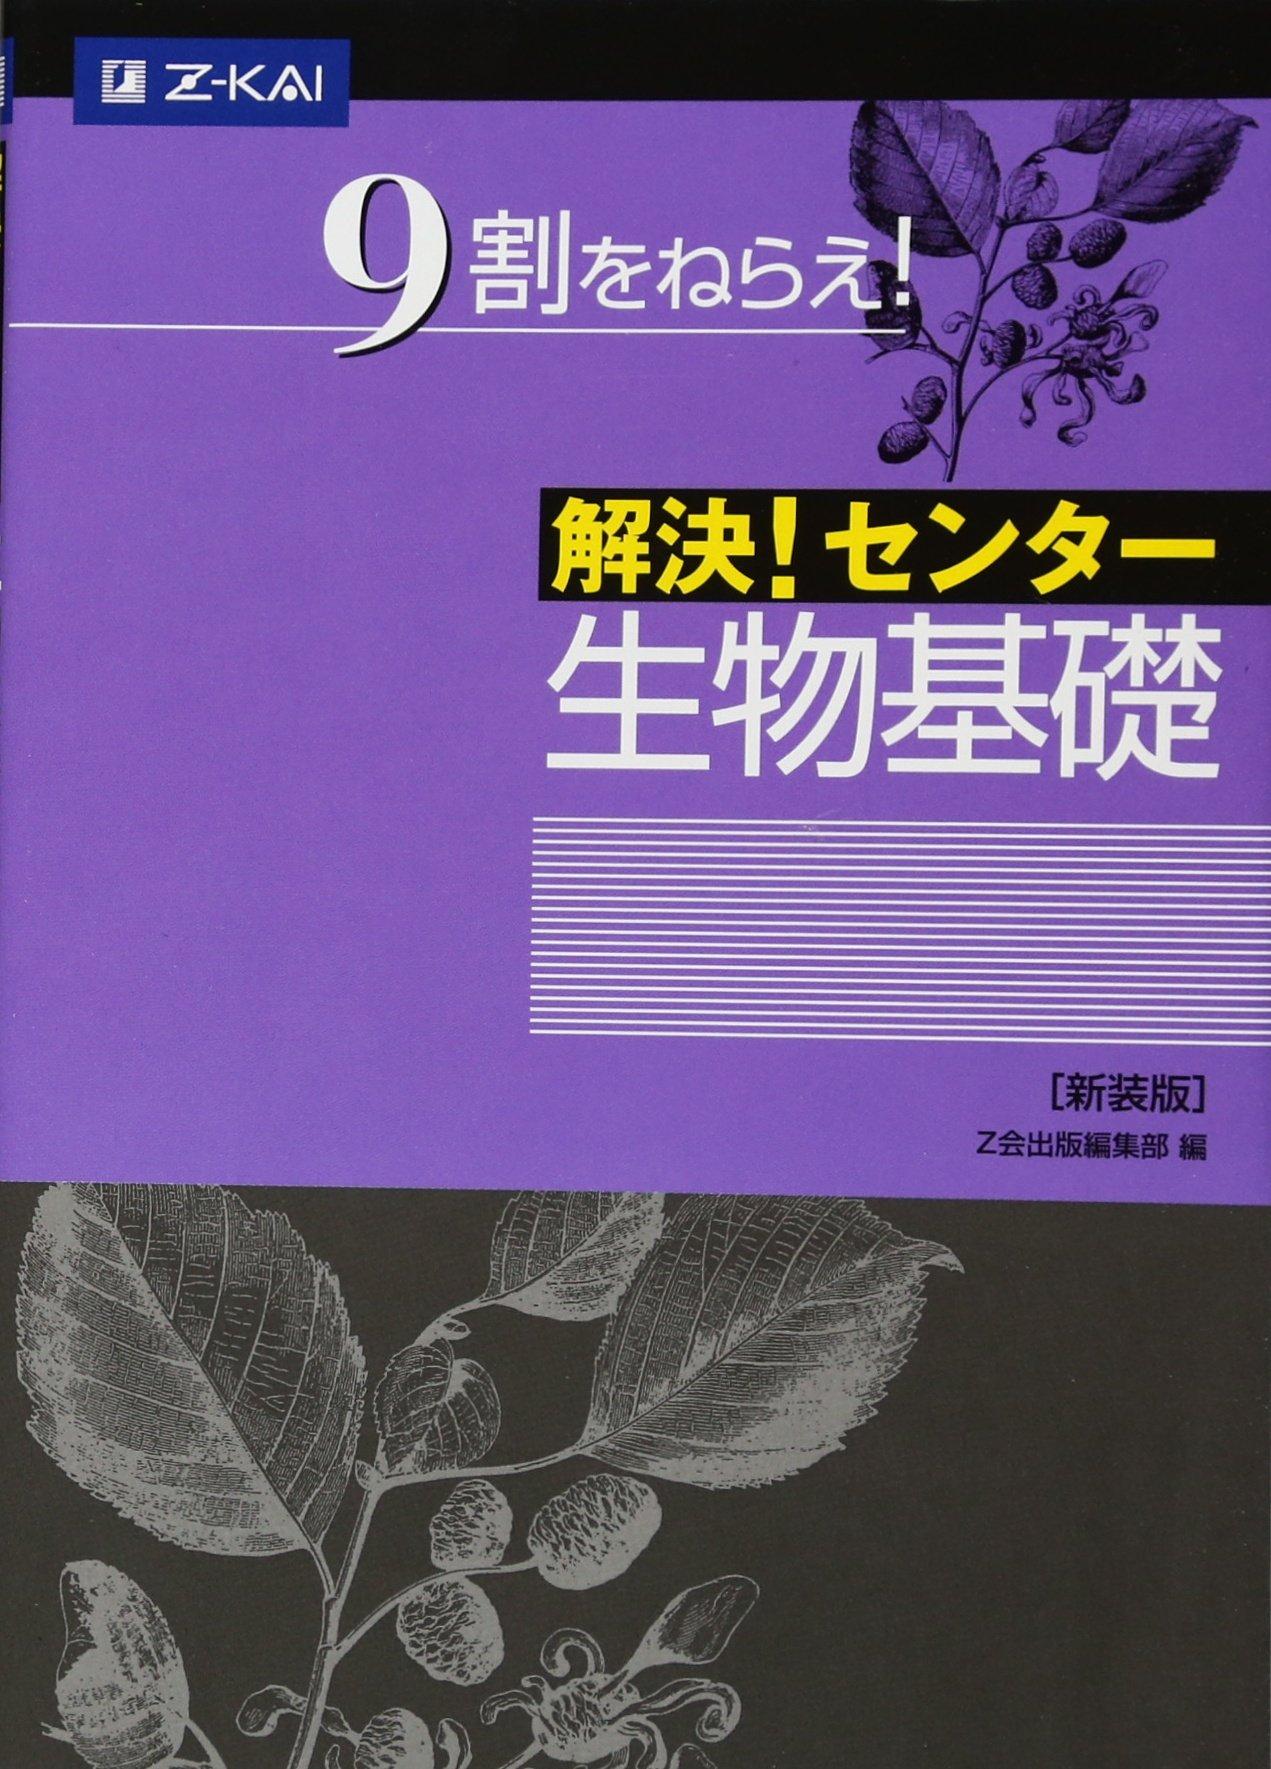 生物基礎のおすすめ参考書・問題集『解決!センター生物基礎』